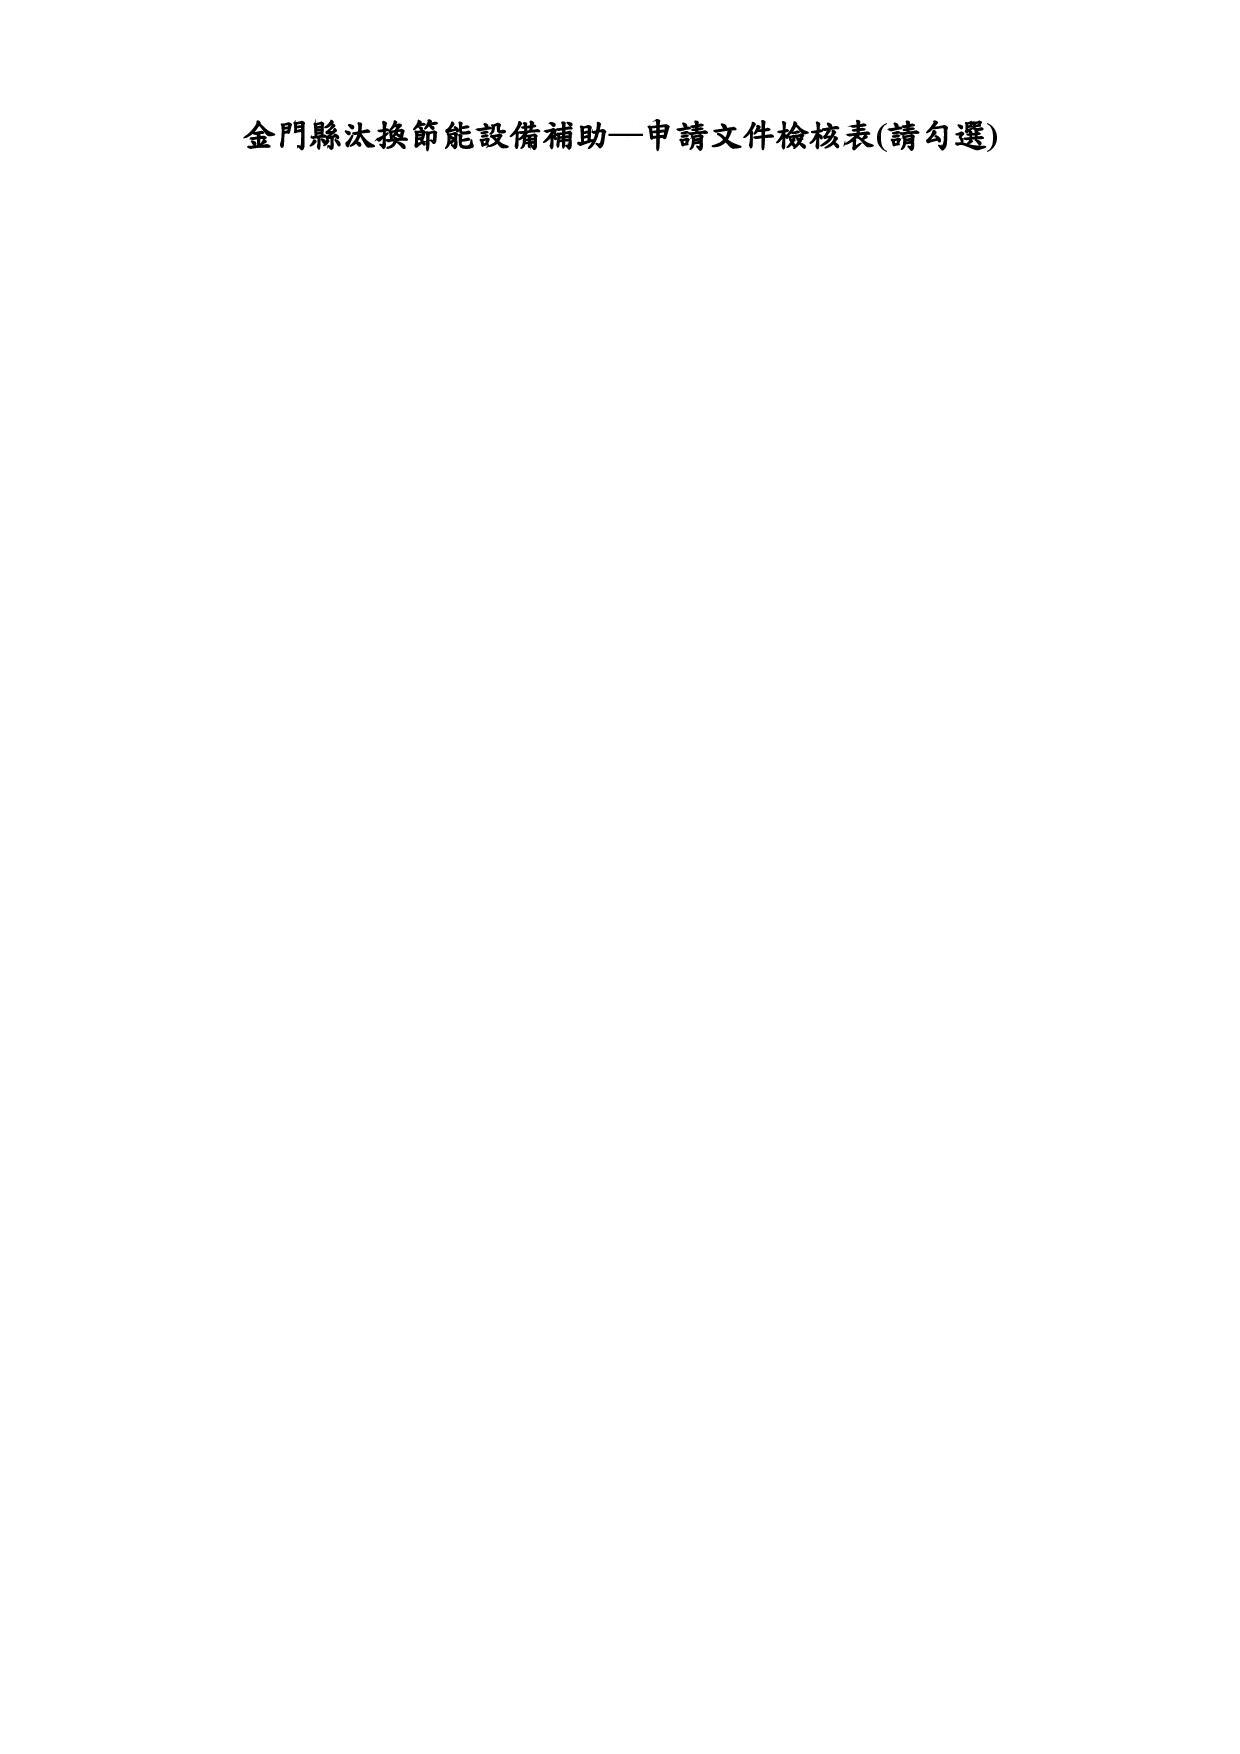 金門縣汰換節能設備補助─申請文件檢核表